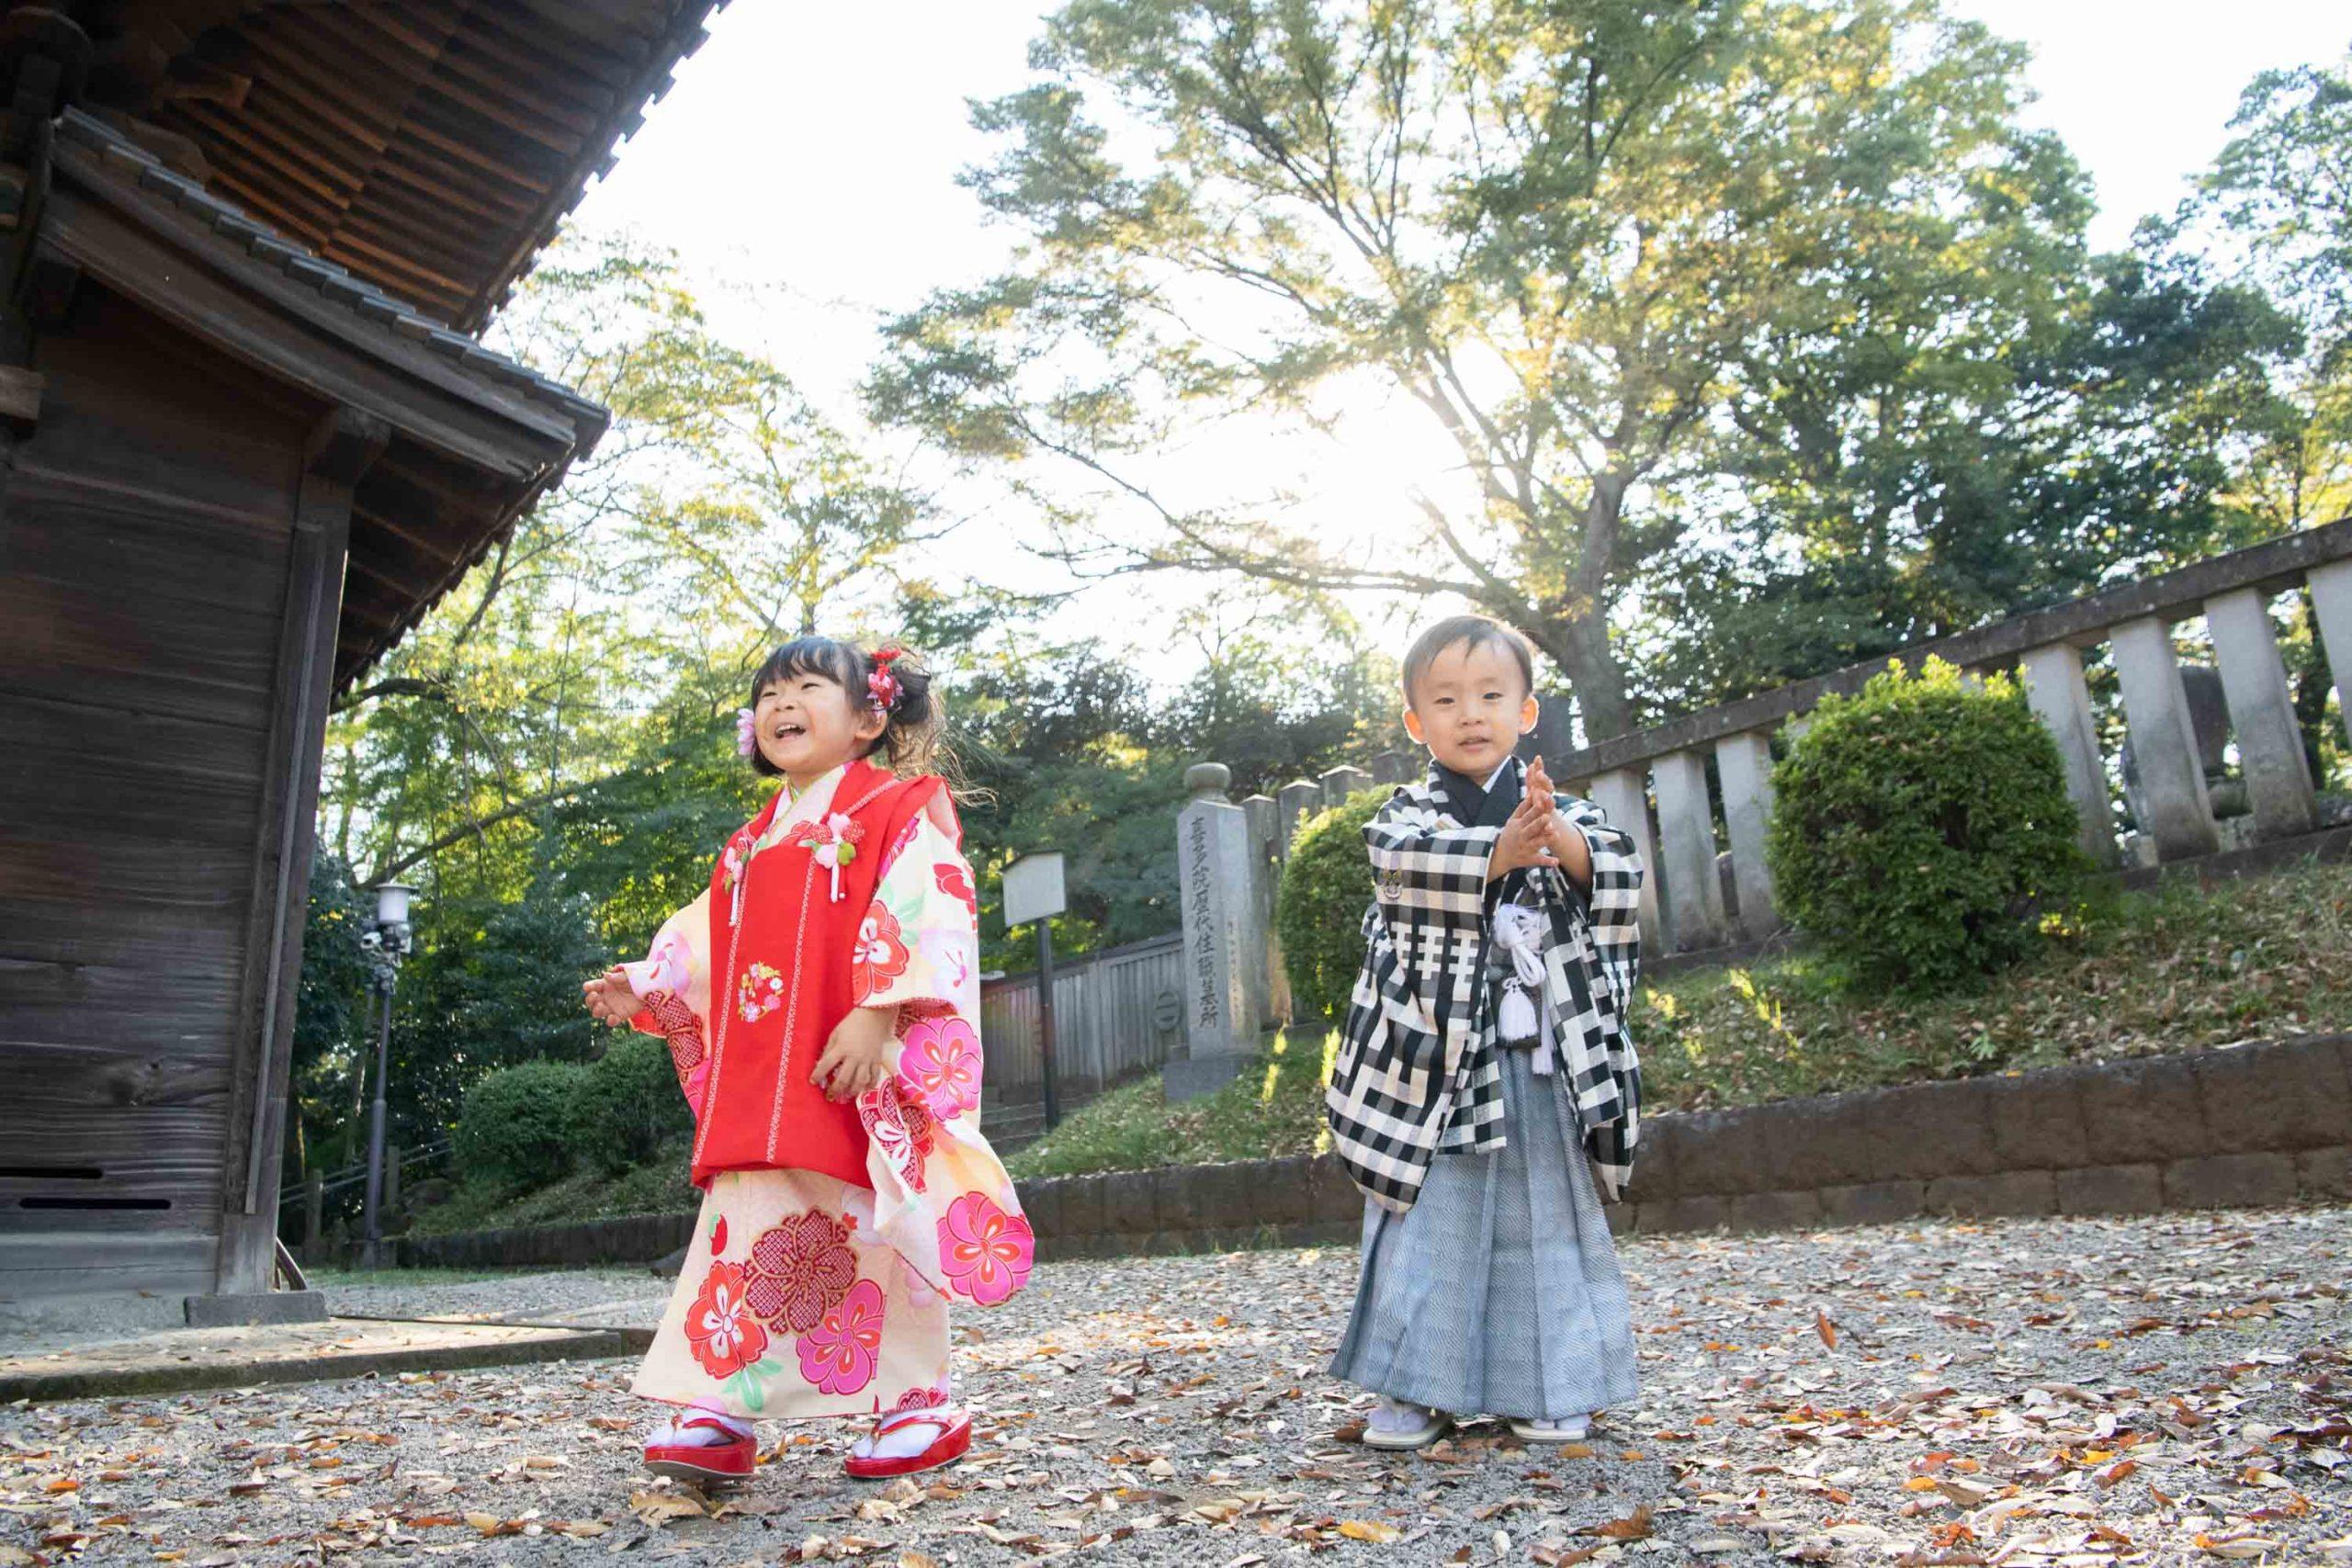 着物を着た3歳の男の子と女の子が立っている